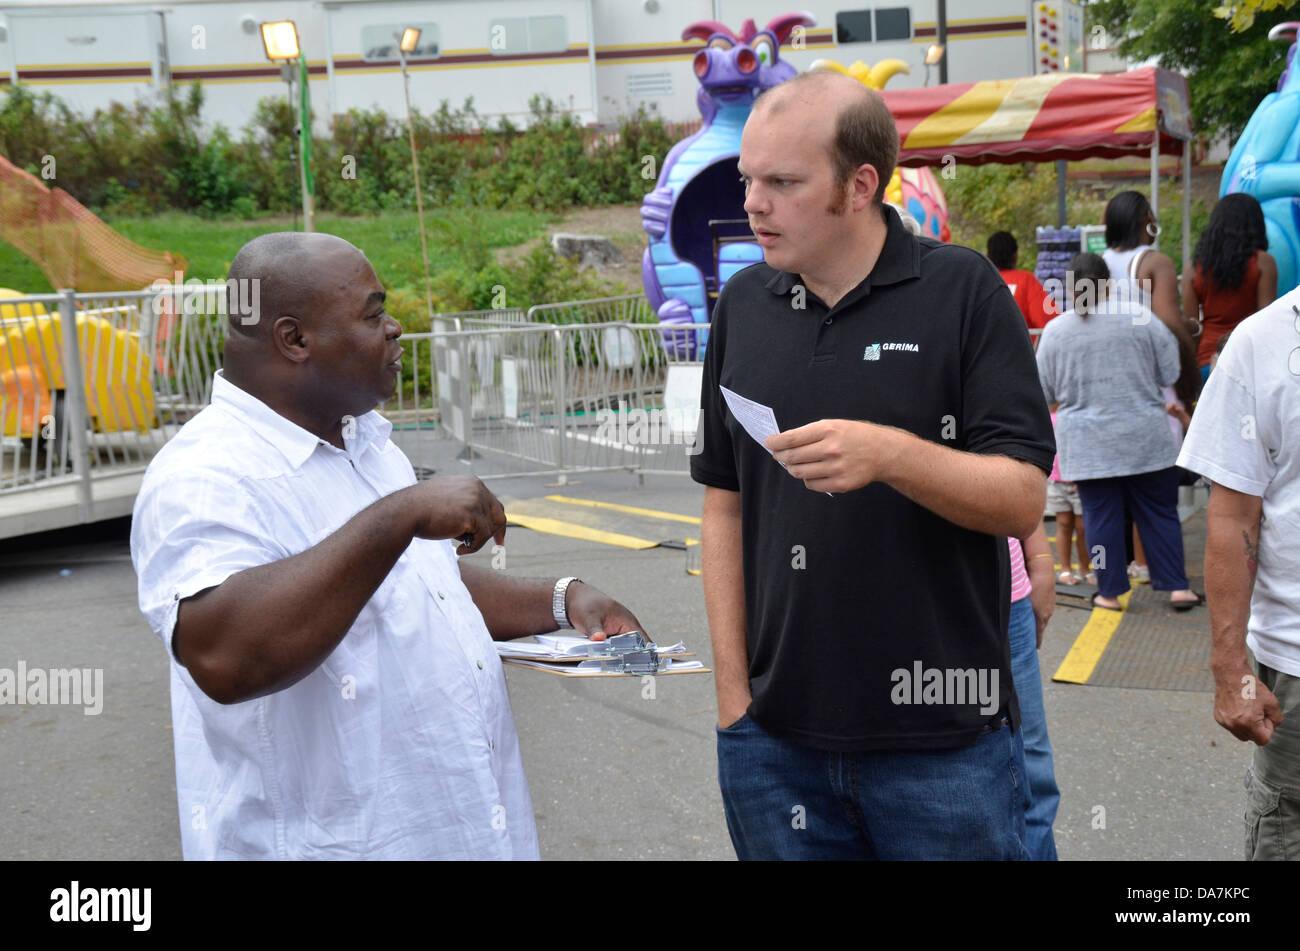 Afrikanischer Mann versuchen, Signatur von einem weißen Mann über Taxi Gesetzgebung auf einem Festival Stockbild